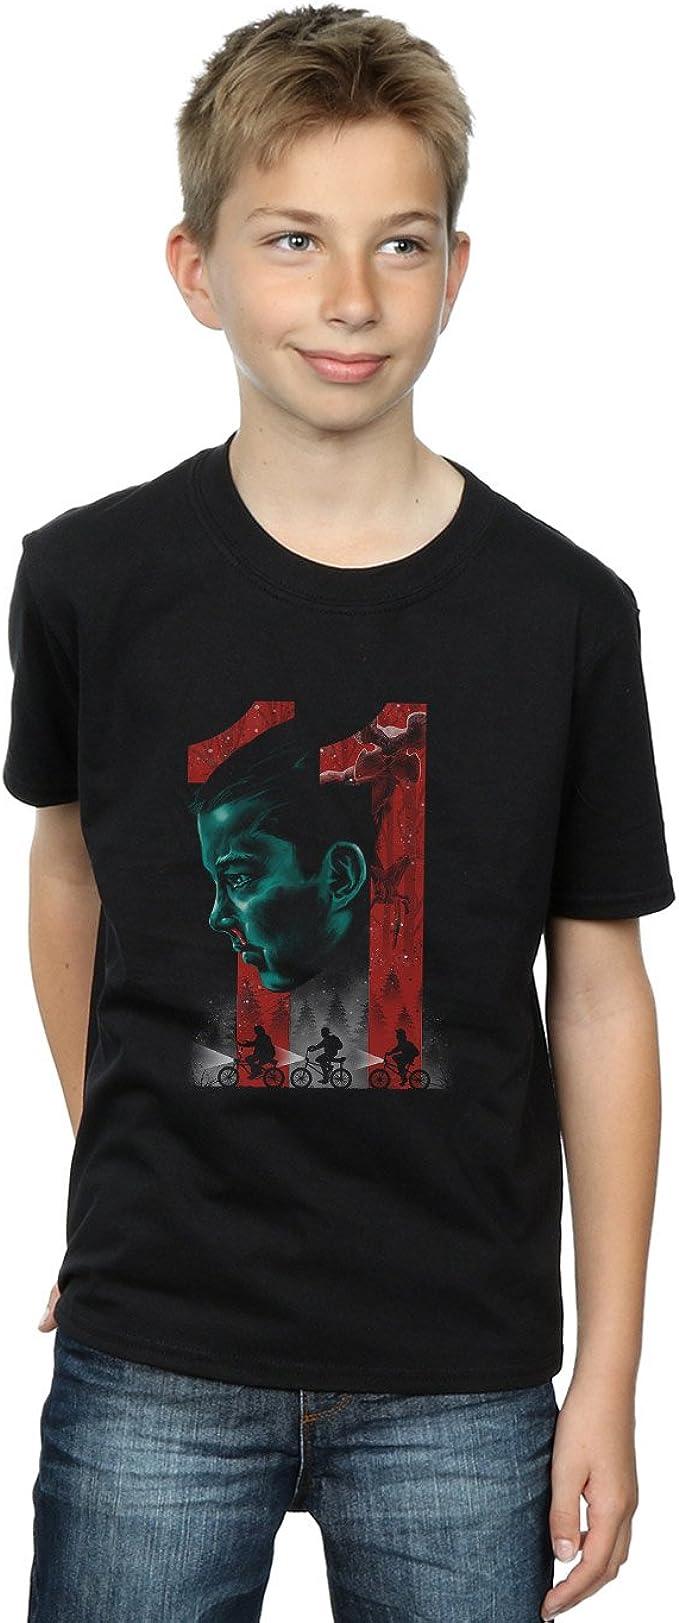 Absolute Cult Vincent Trinidad Stranger Eleven - Camiseta para niño: Amazon.es: Ropa y accesorios